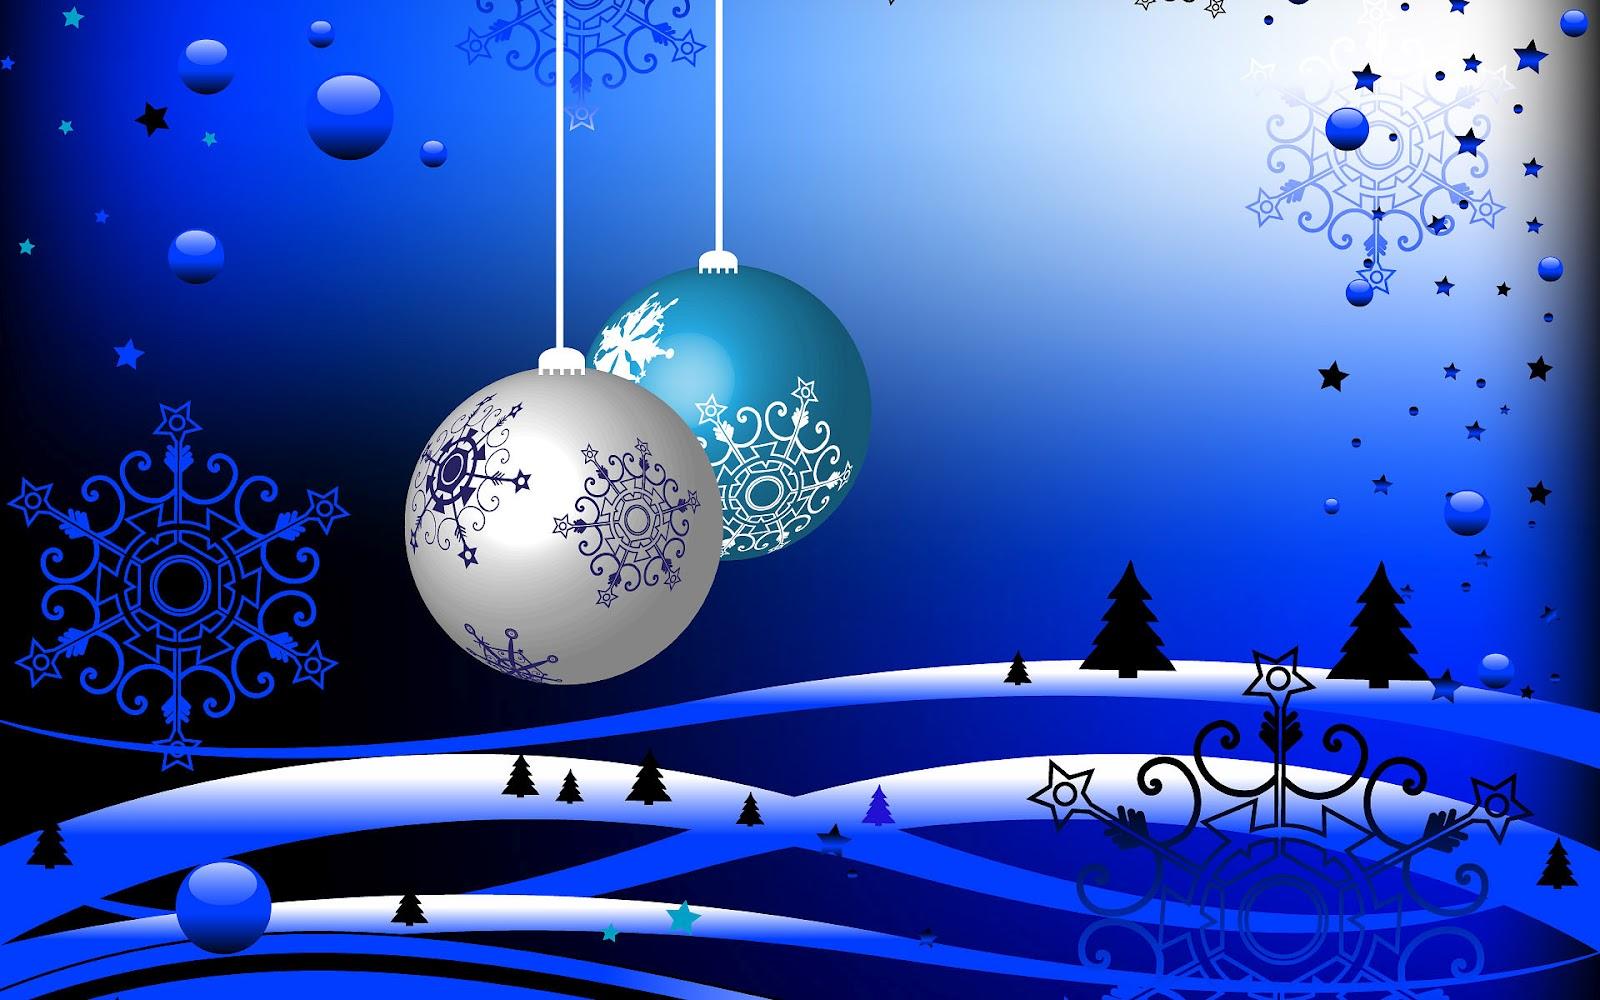 Blauwe kerst achtergrond | Bureaublad Achtergronden Wallpapers Kerst Achtergronden